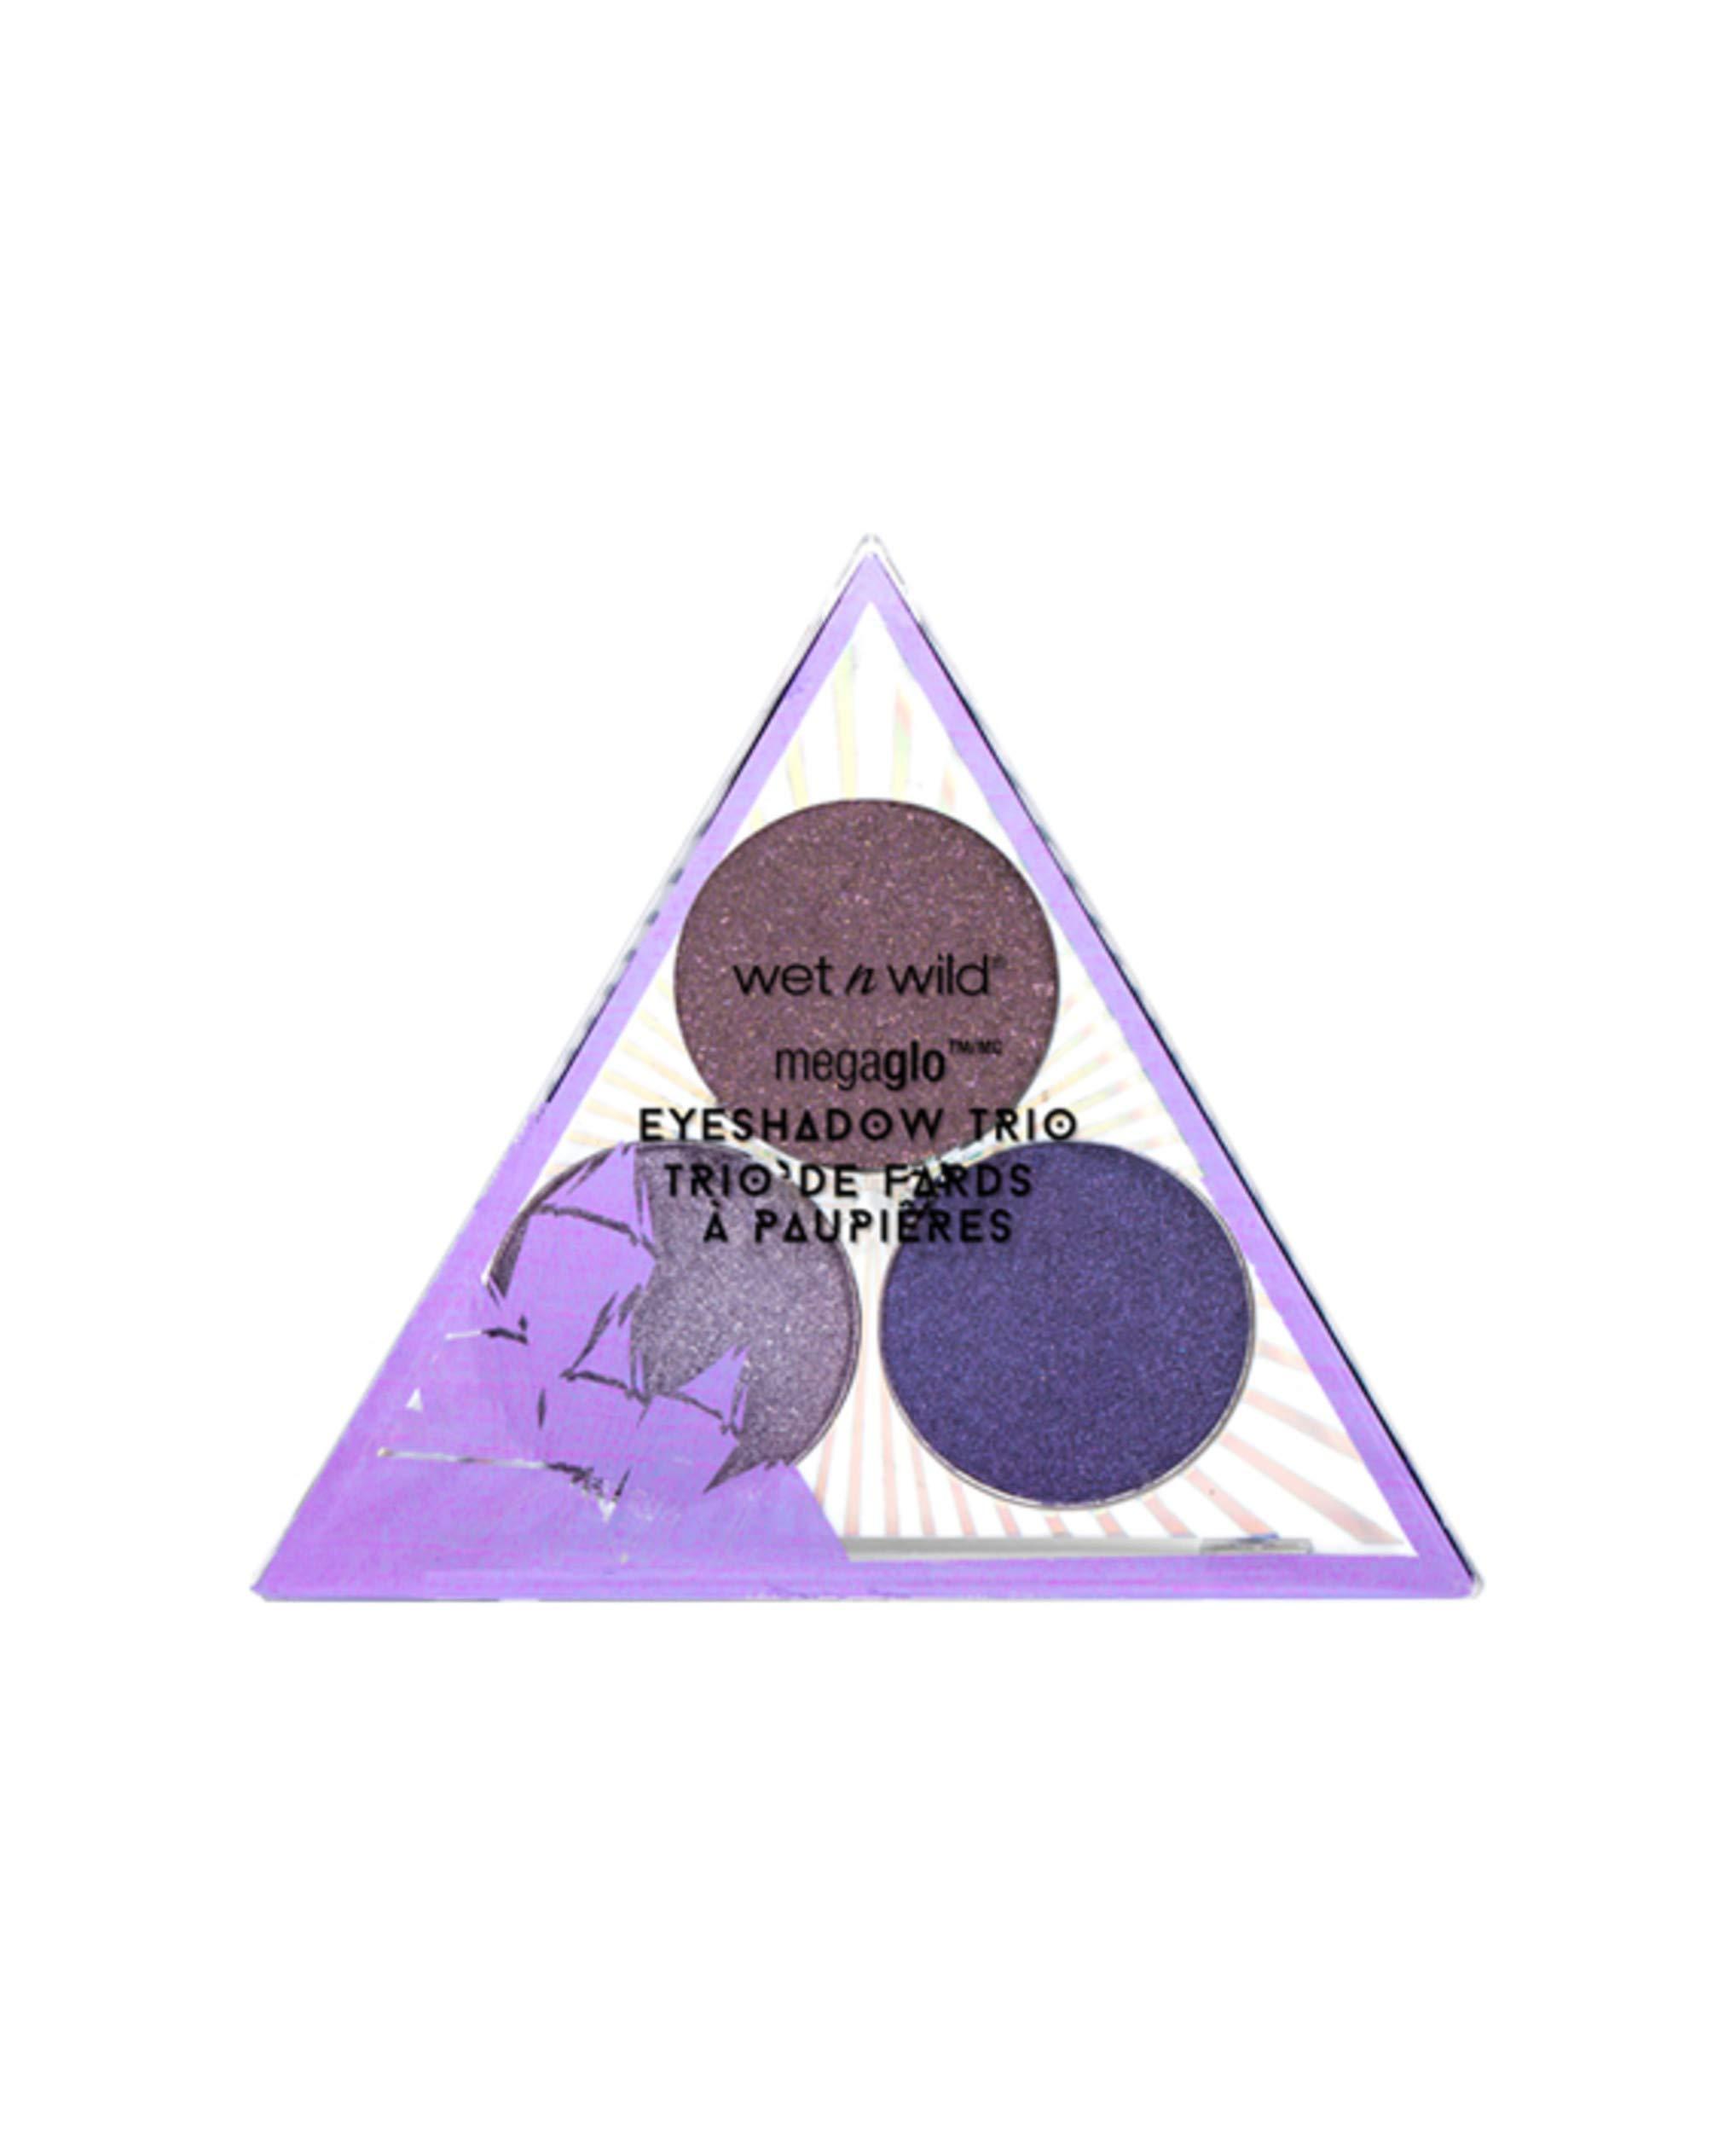 wet n wild Crystal Cavern Mega Glo Eyeshadow Trio, Amethyst